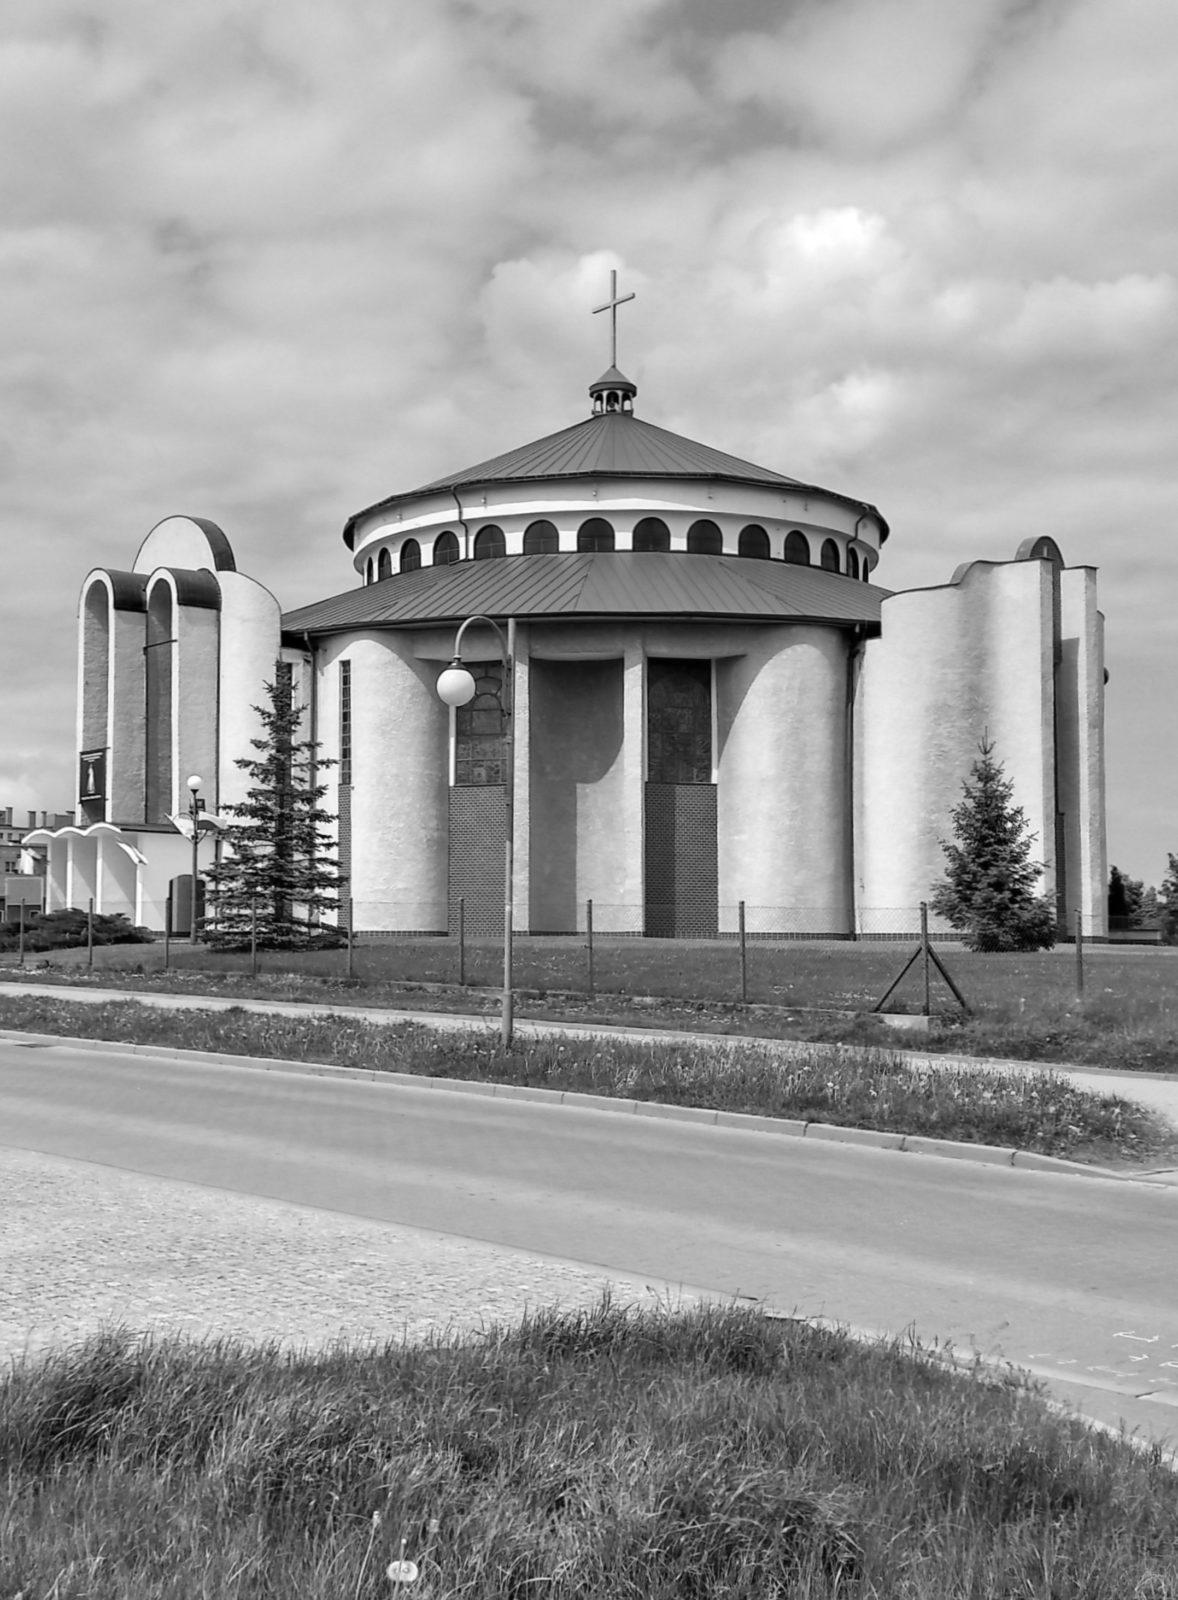 Widok na Sanktuarium pw. Podwyższenia Krzyża Świętego w Wałbrzychu, dzielnica Podzamcze